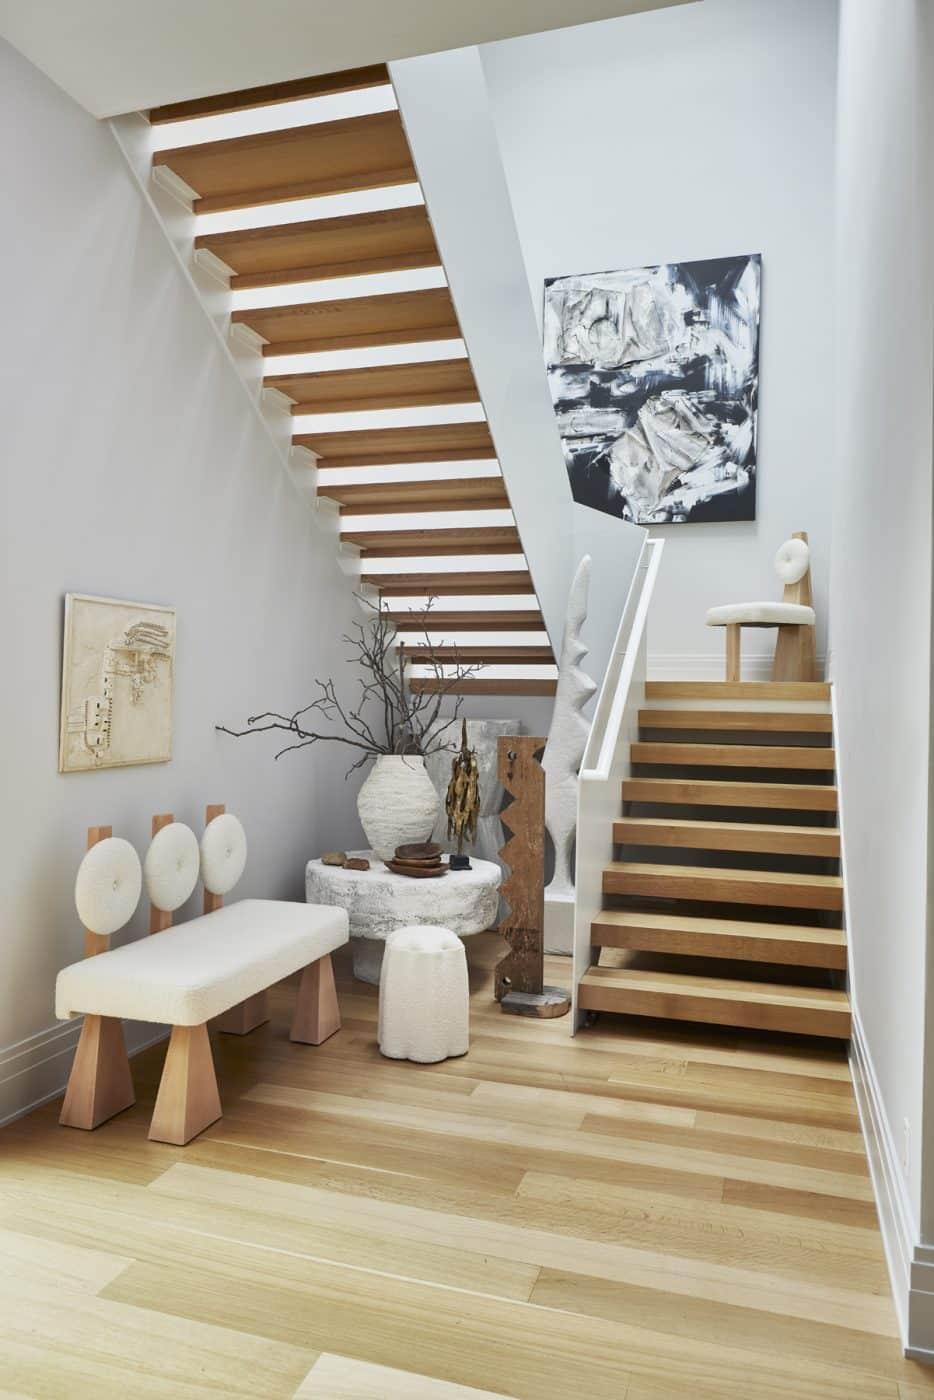 Christian Siriano home stairway